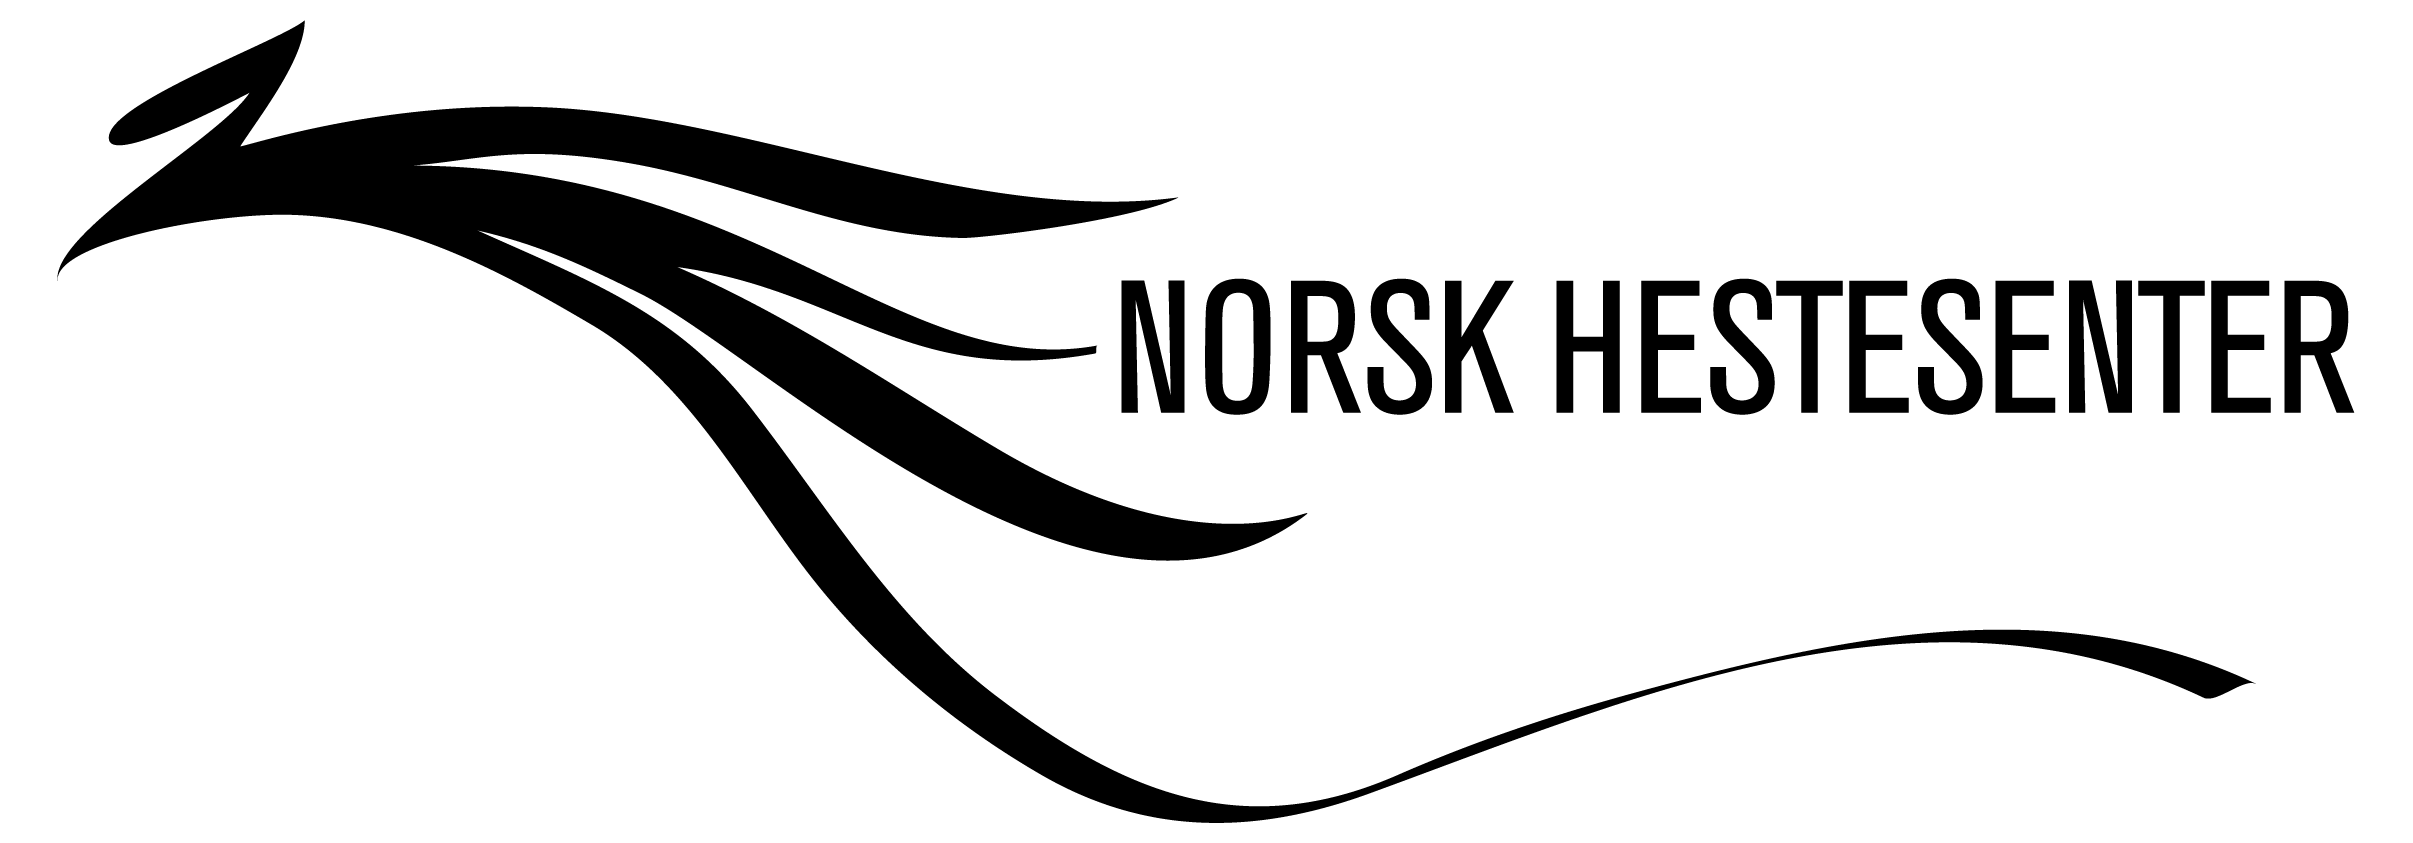 Norsk hestesenter logo